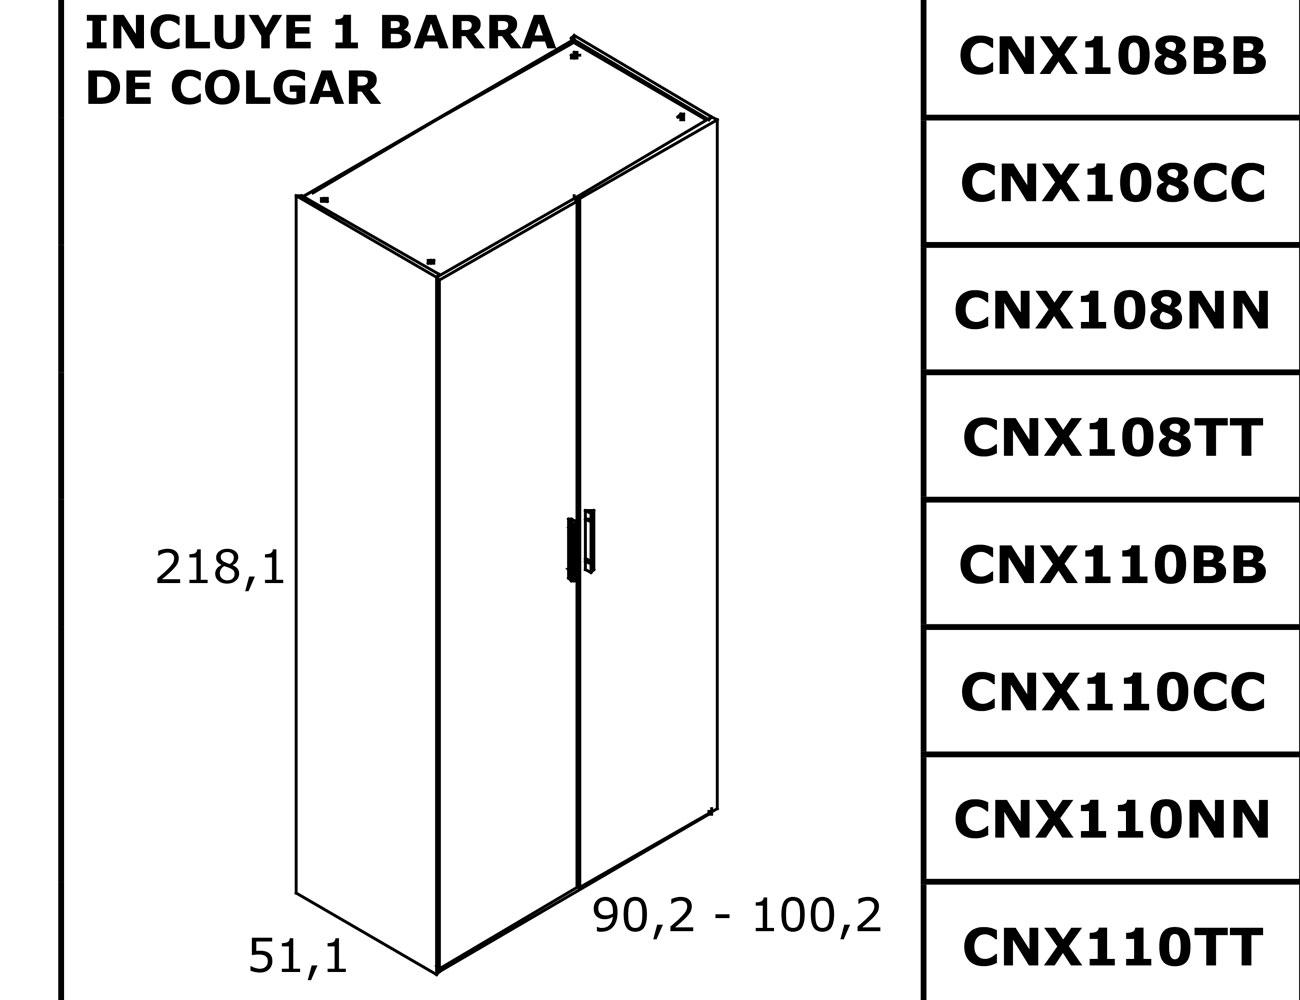 Cnx1081